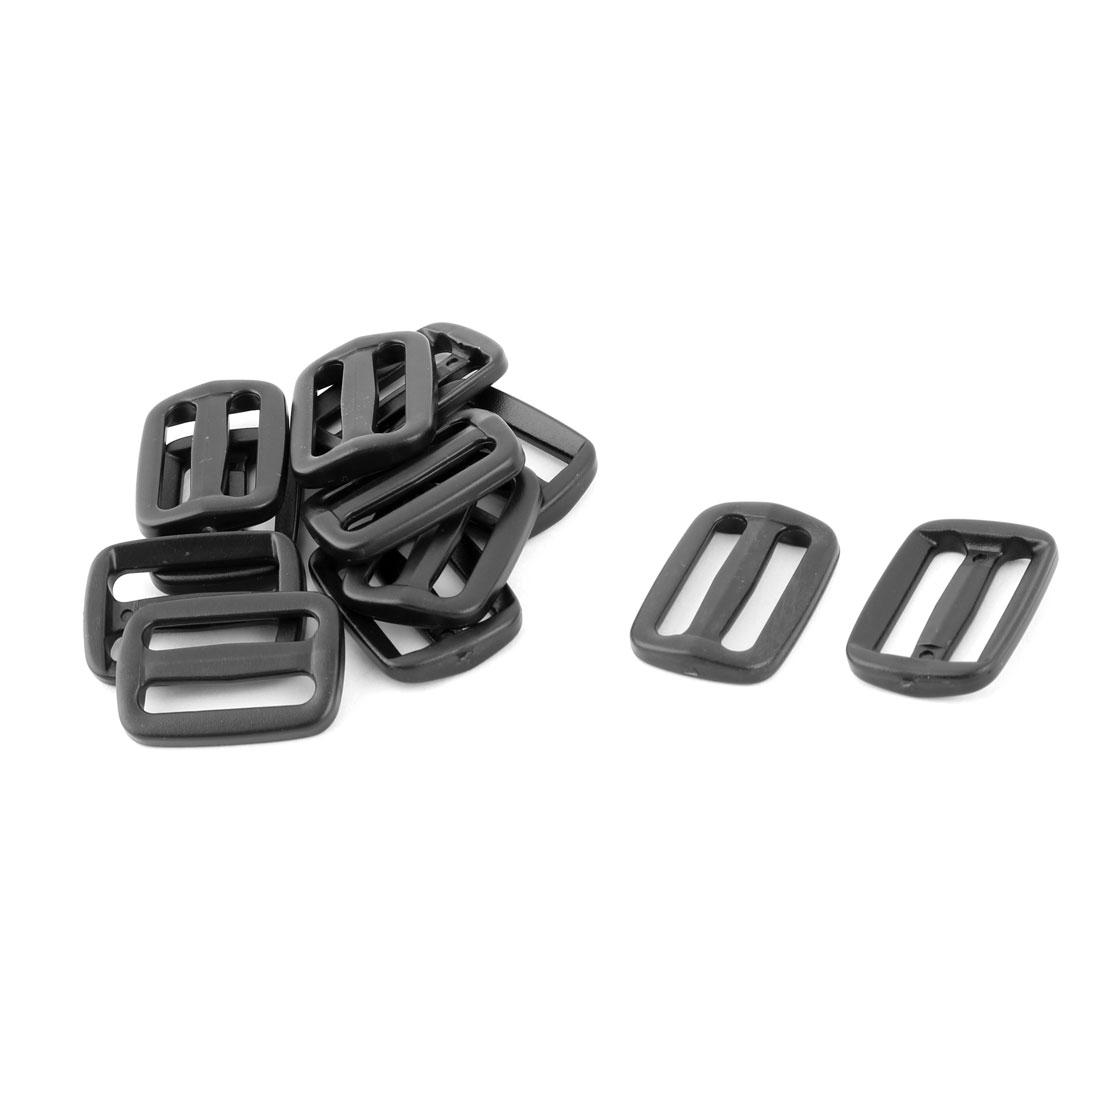 Travel Plastic Backpack Belt Strap Tri Glide Slide Adjustable Buckle Black 12pcs